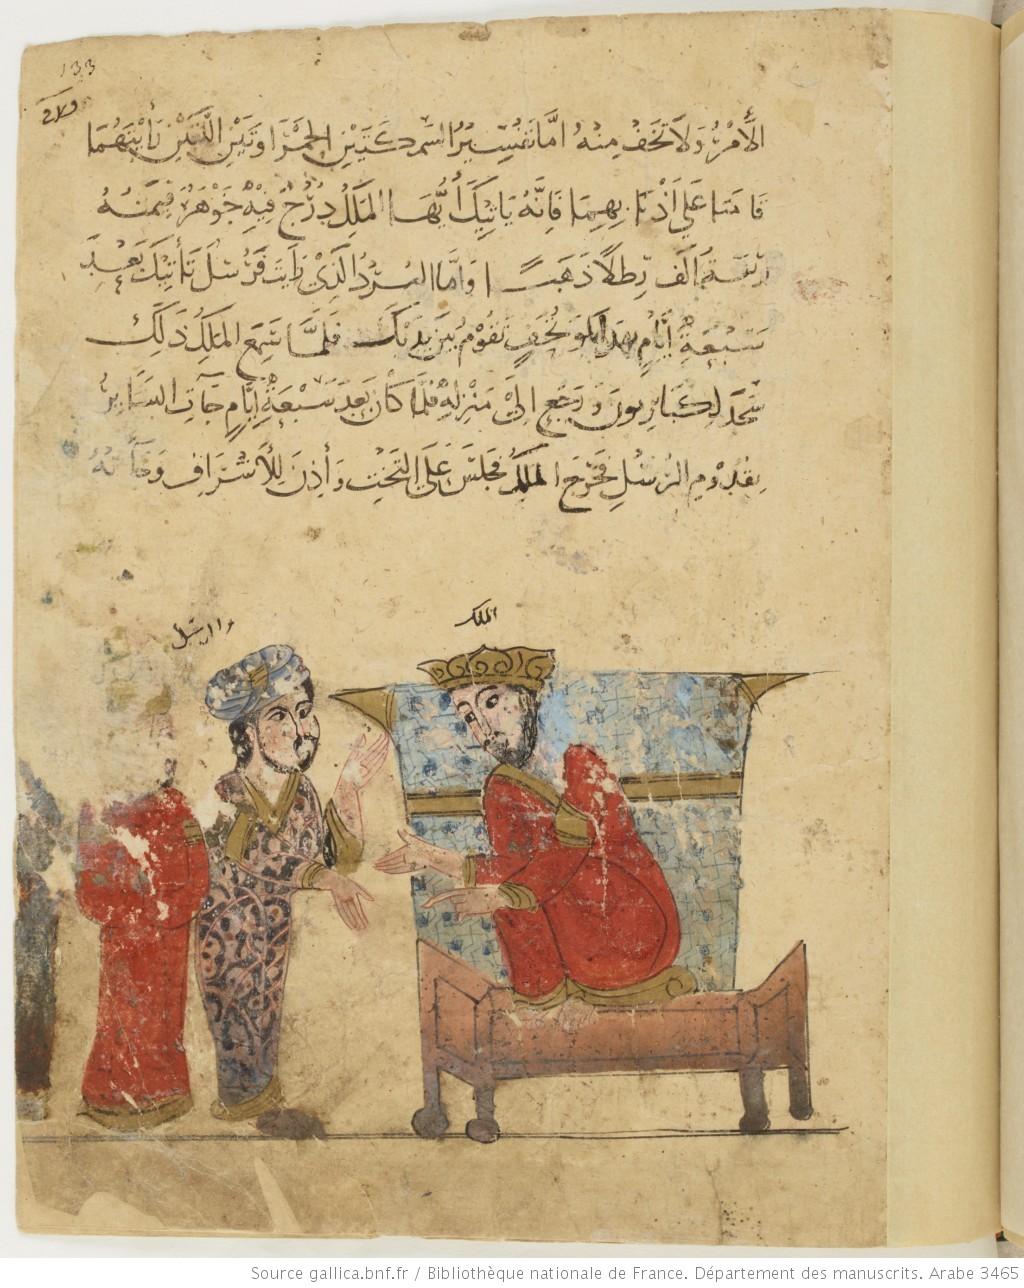 BNF MS. Arabe 3465, f. 133r